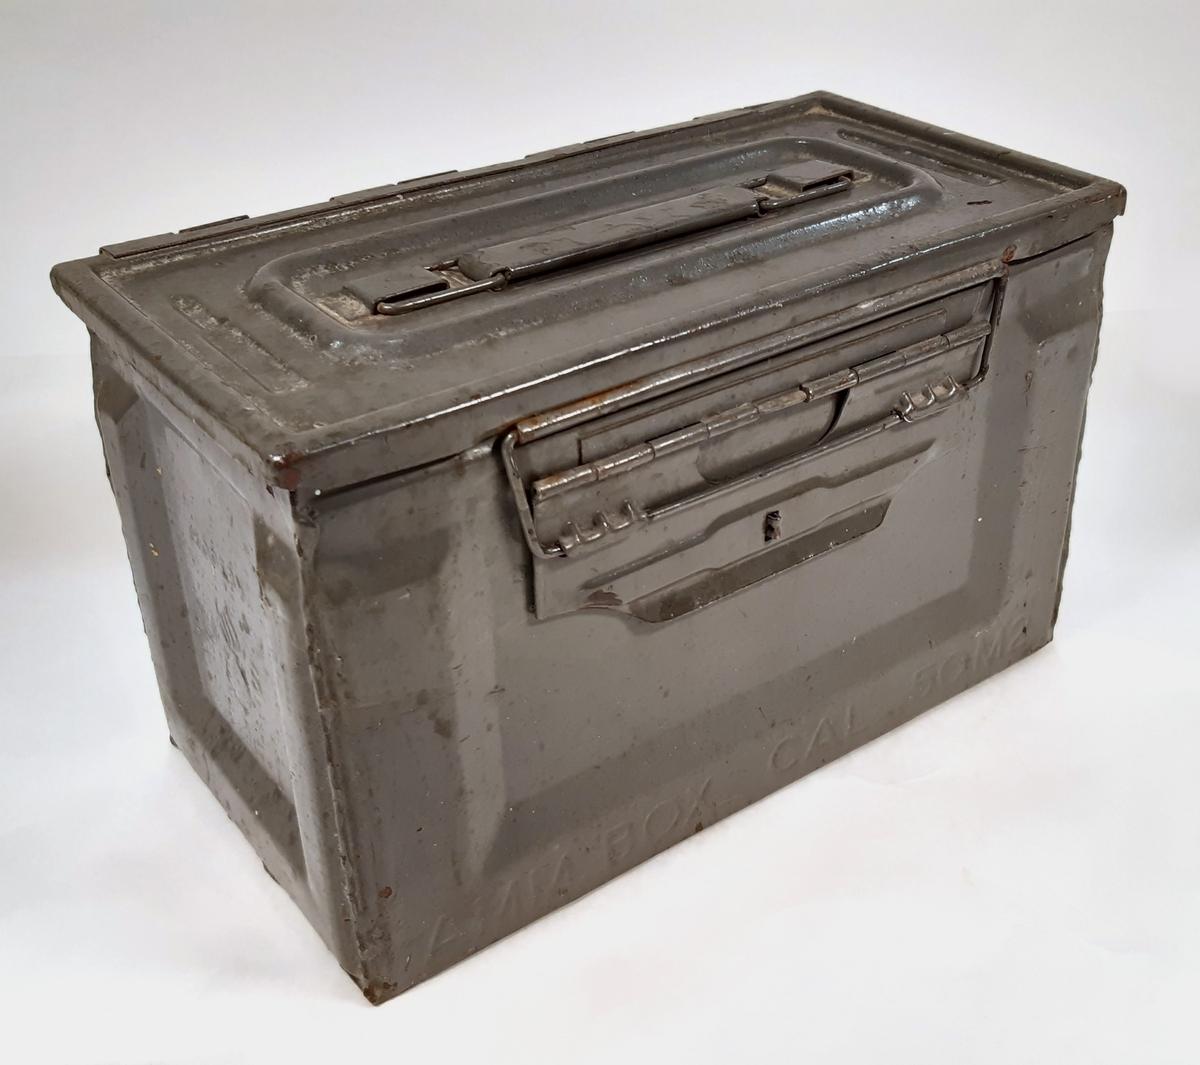 Ammunitionslåda för 50 mm, med små detaljer för borr och nyckelverktyg.